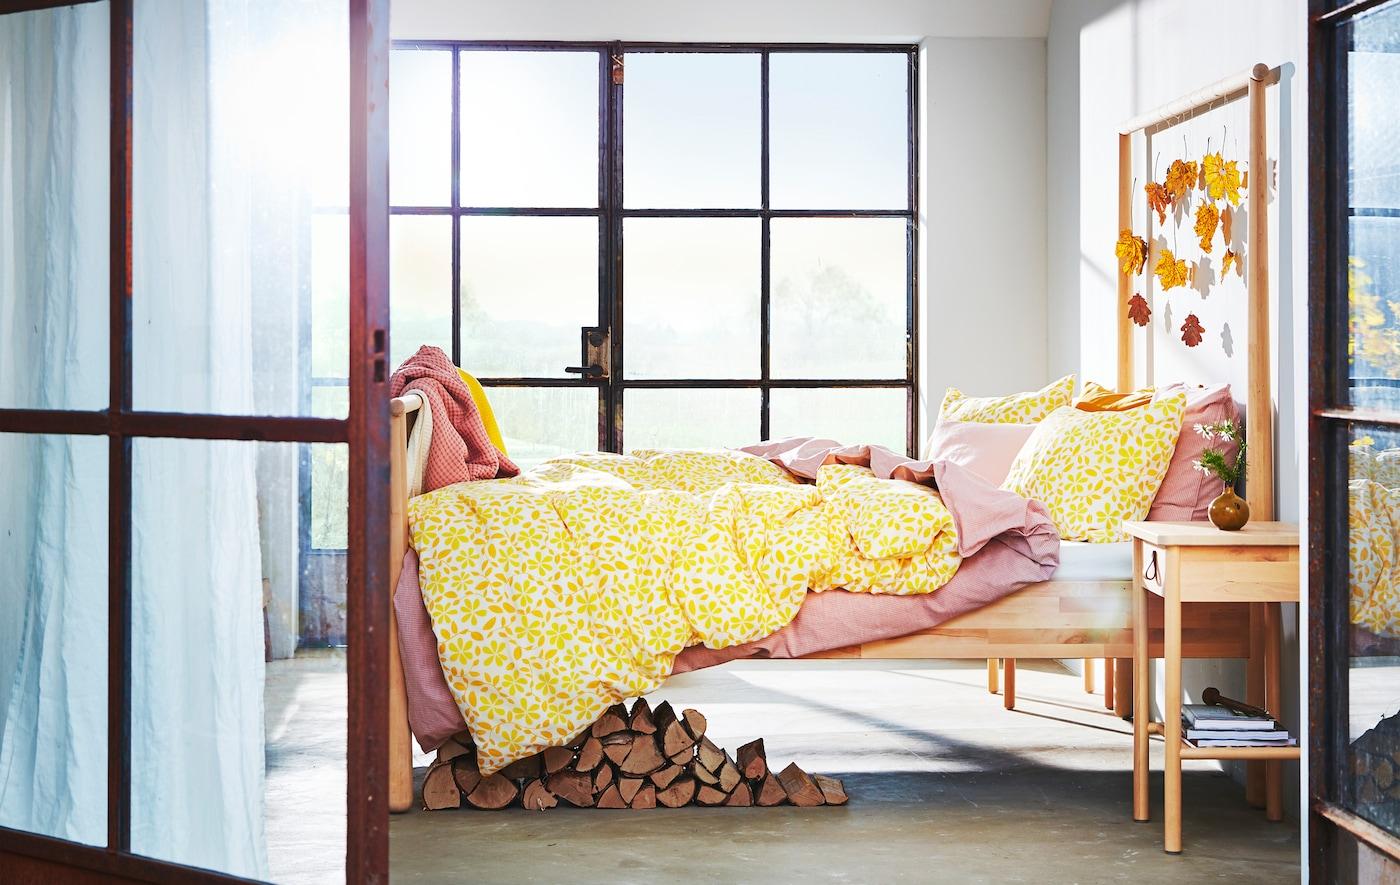 Egy hálószoba hatalmas ablakokkal, levelek a fa ágykereten és sárga/rózsaszín ágynemű.